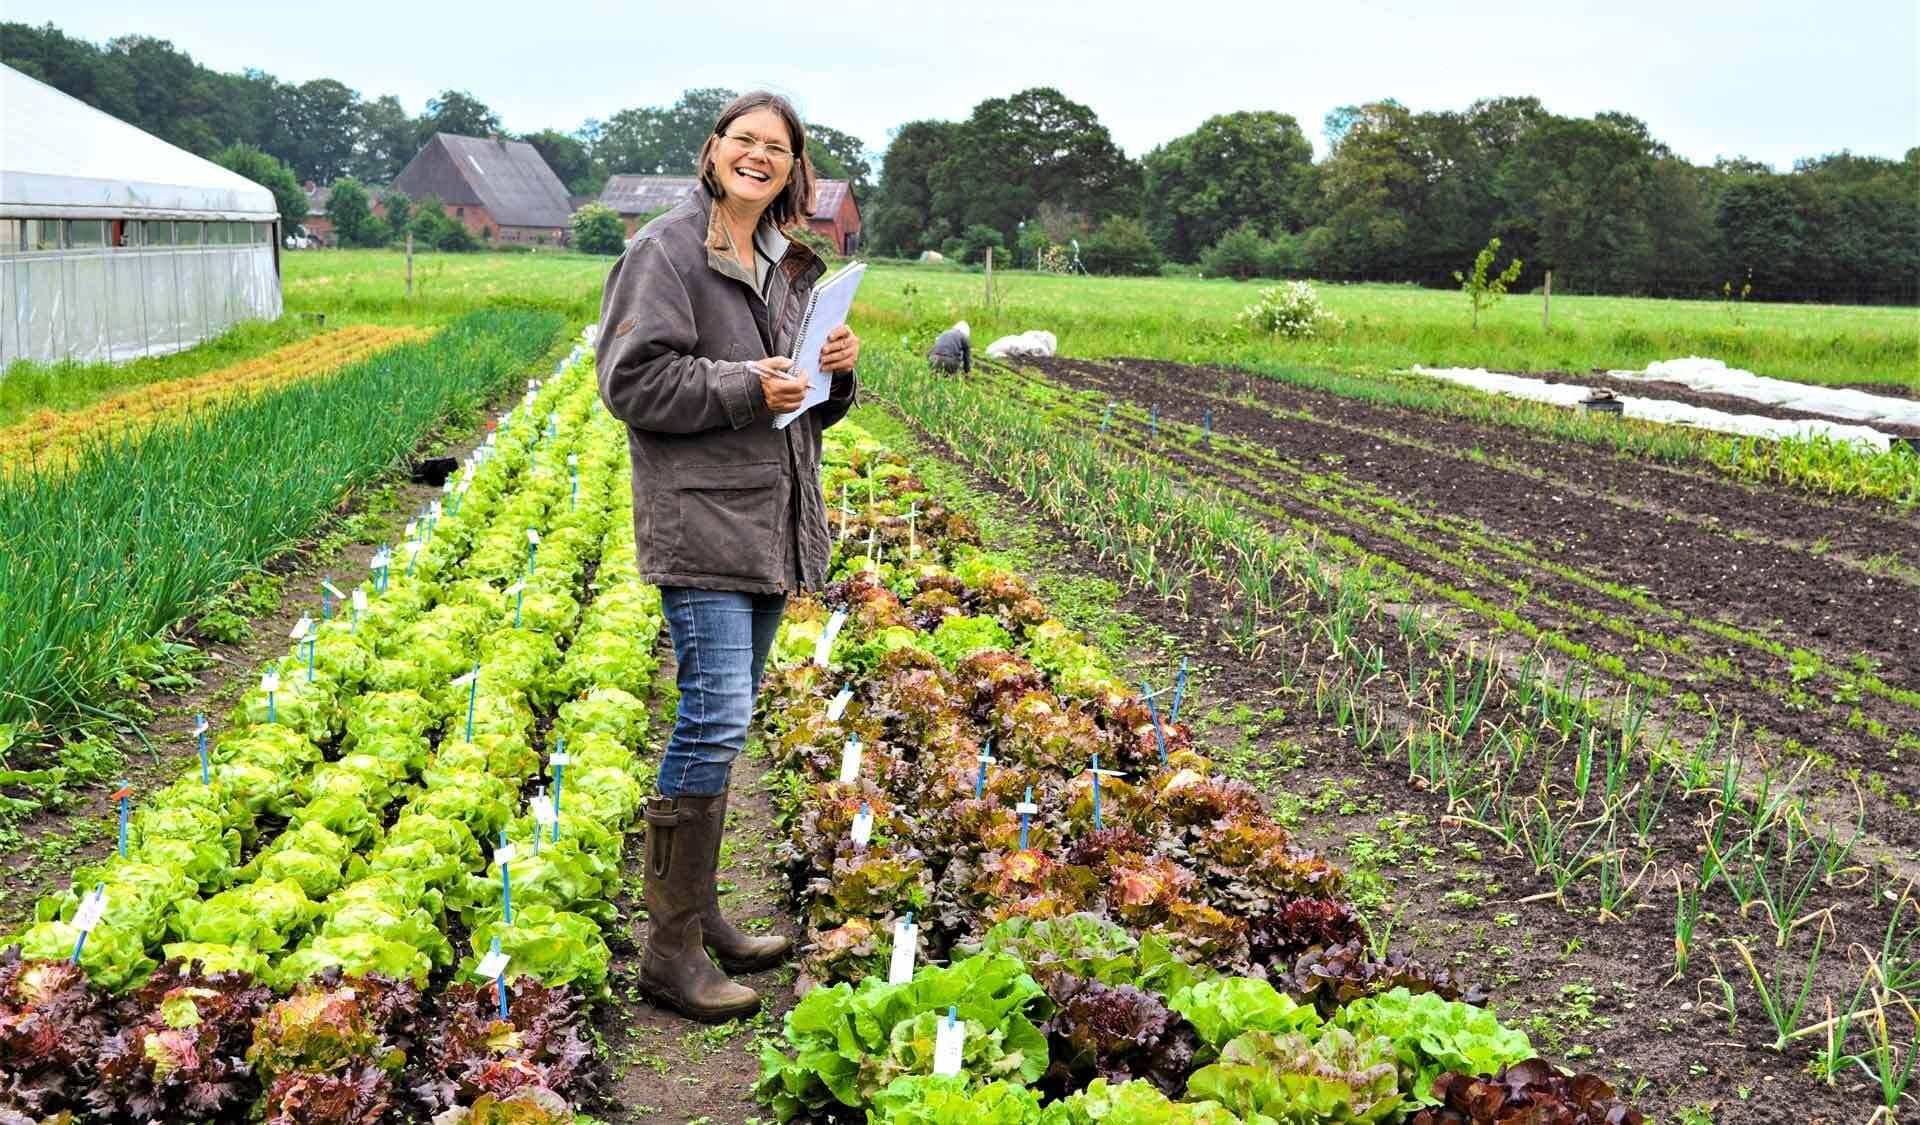 Frau steht in einem Beet mit vielen Salatköpfen